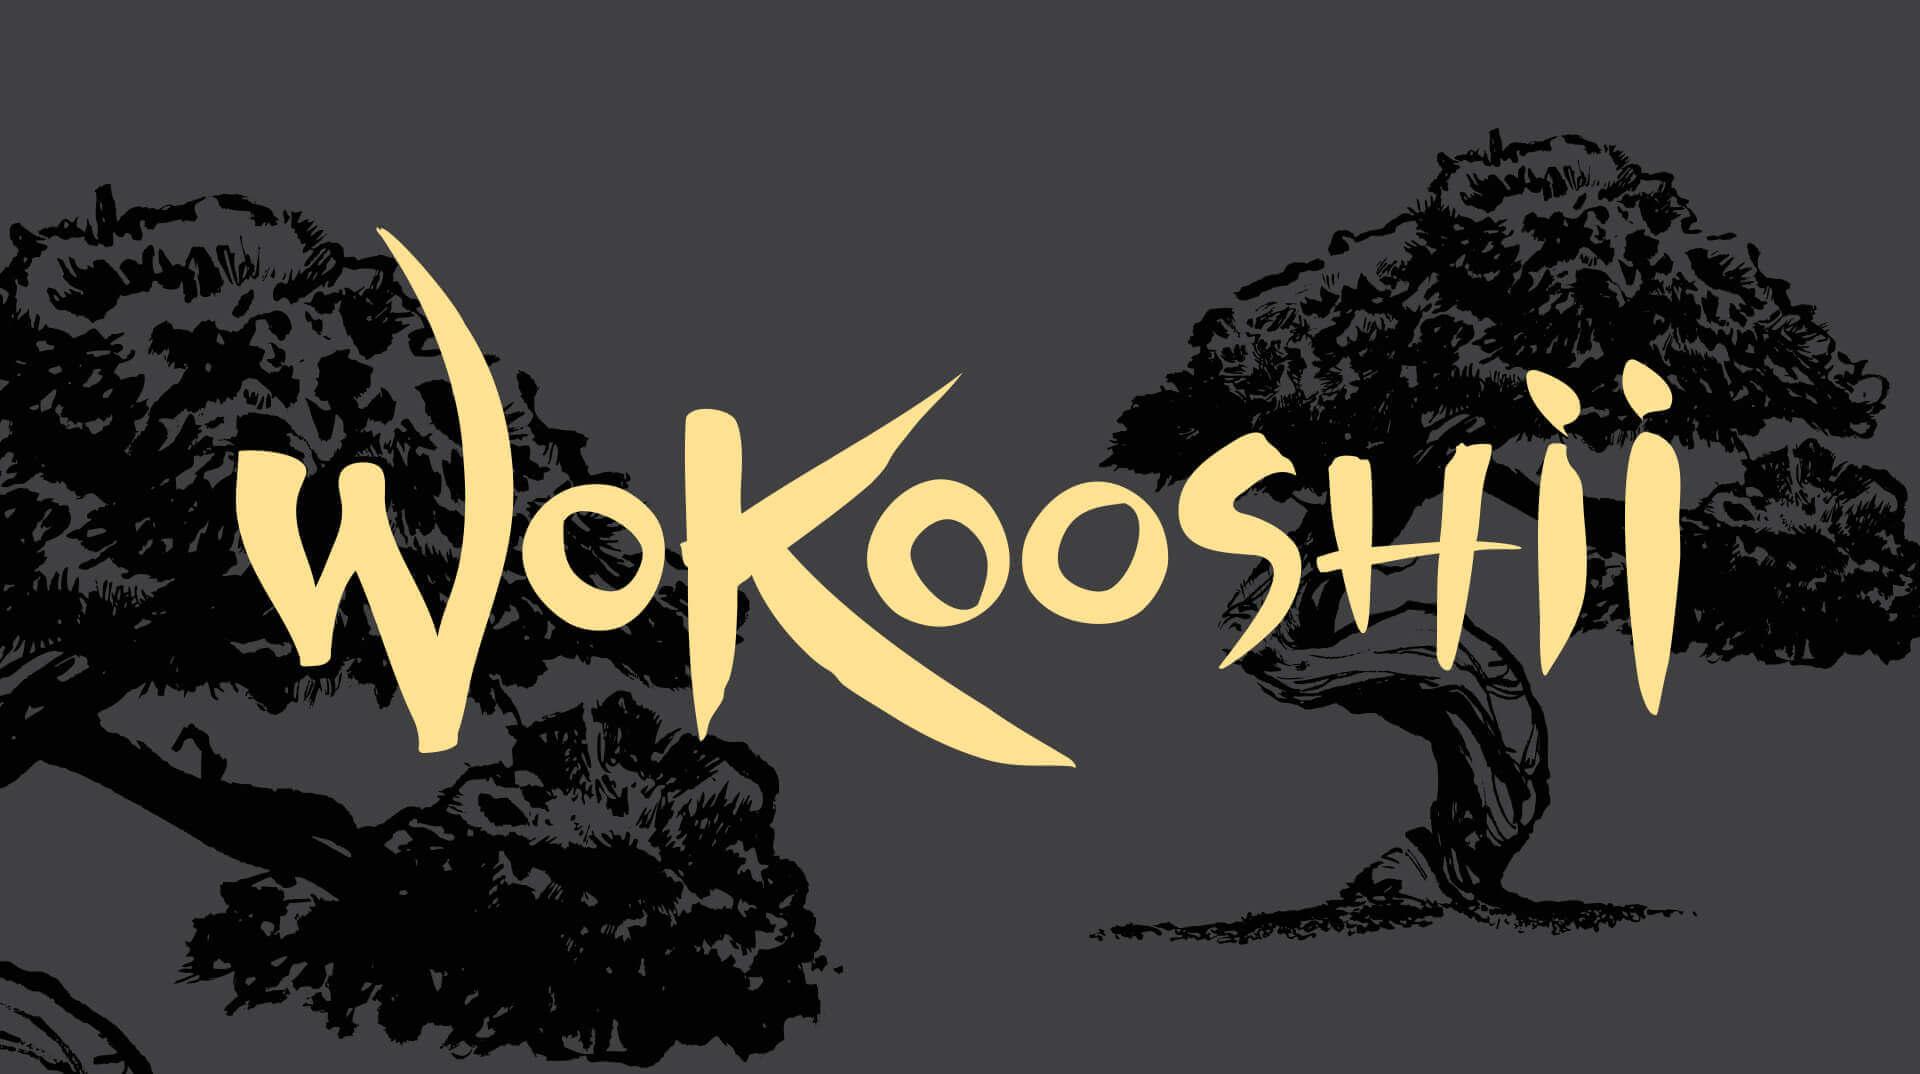 Wokooshi image